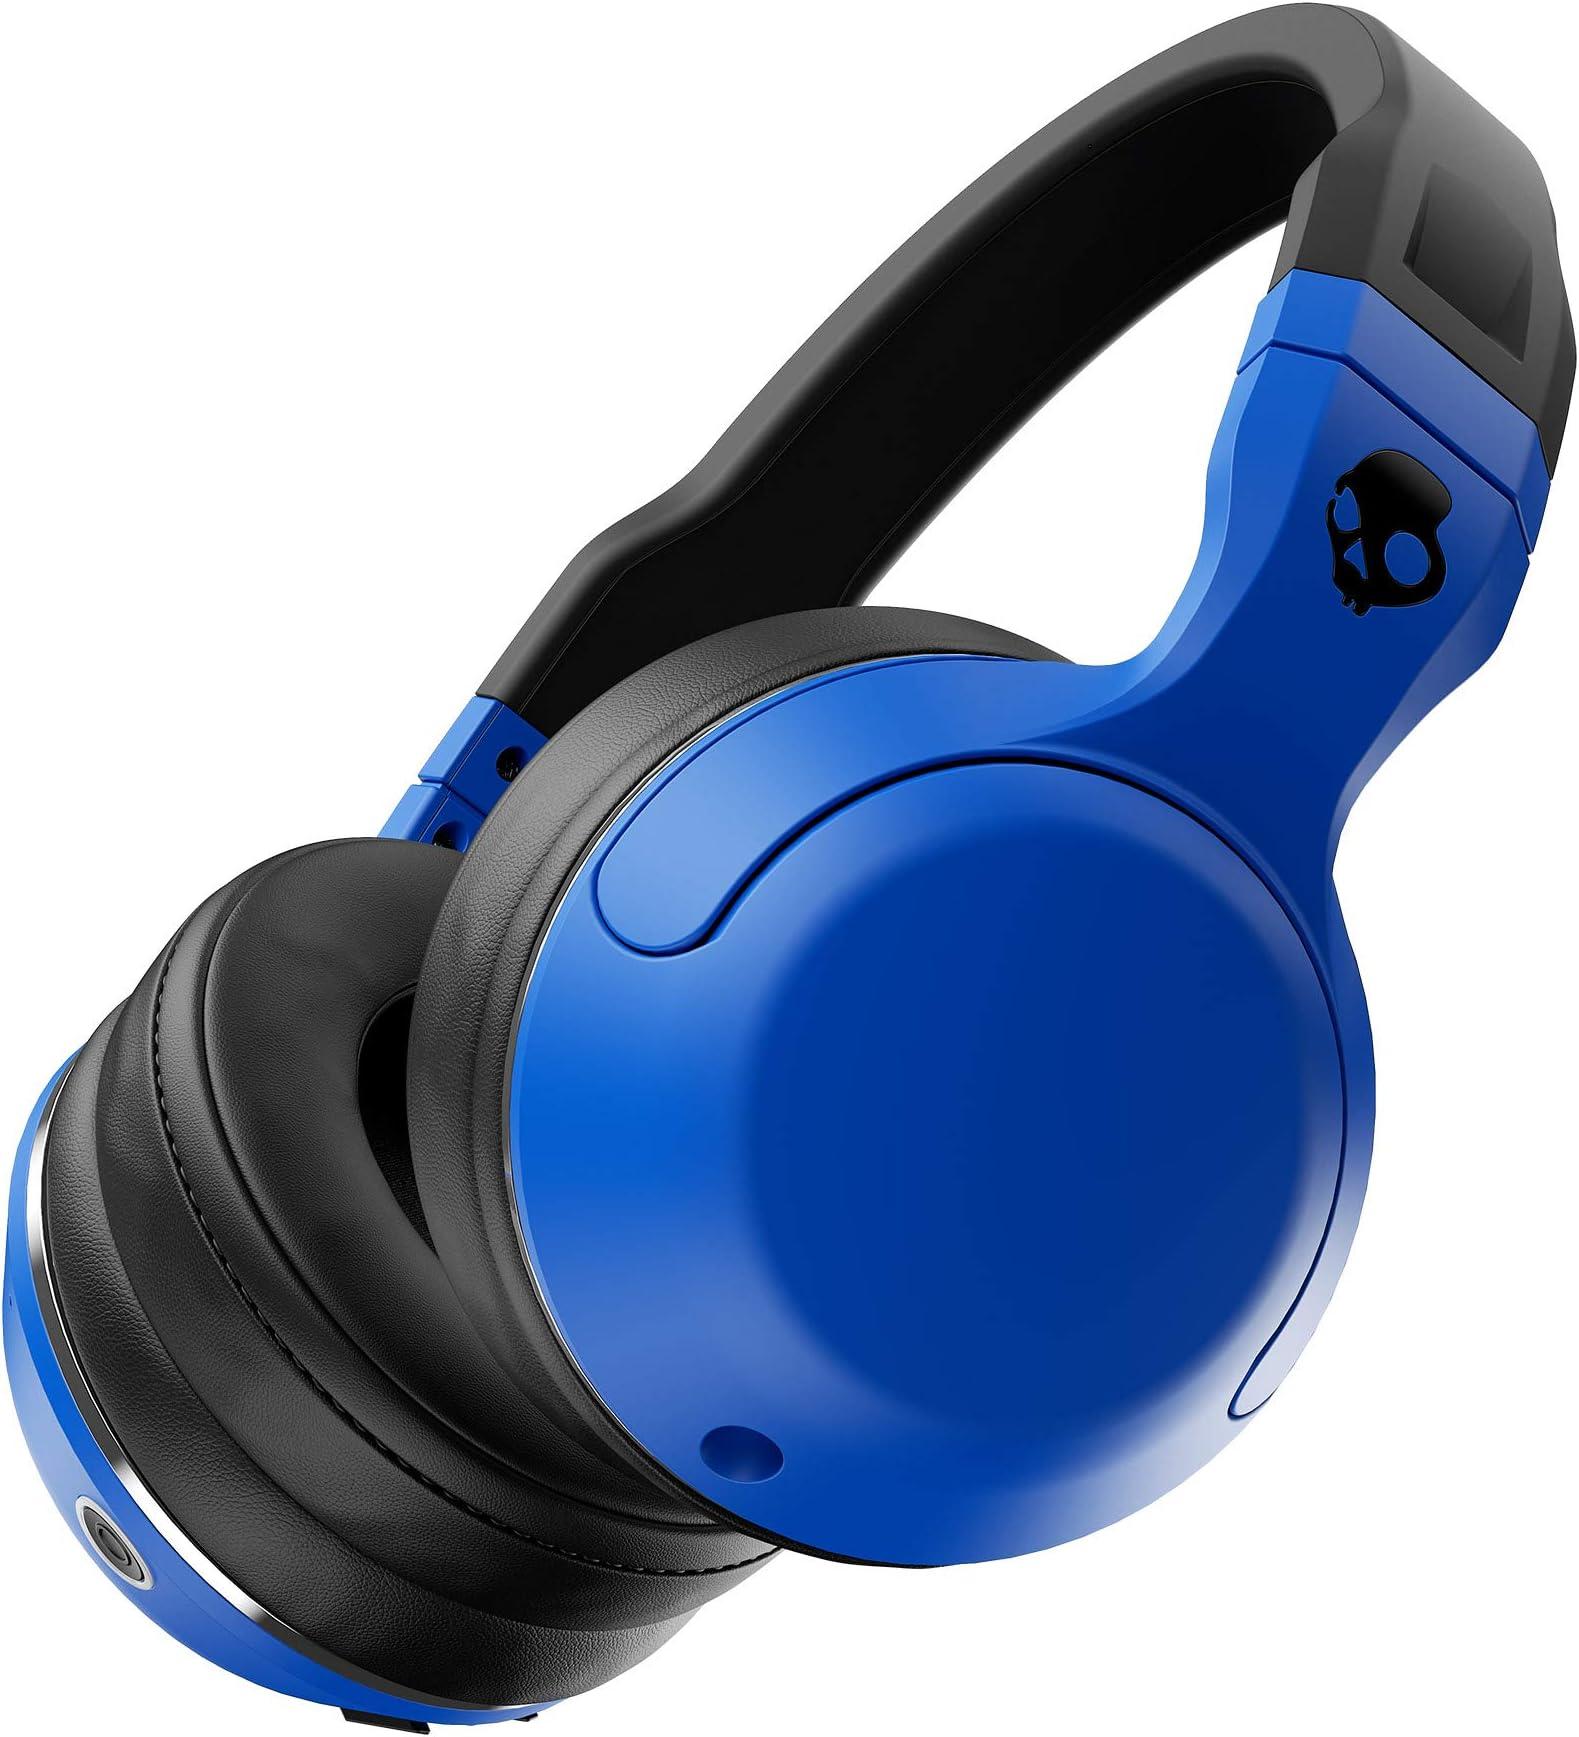 Skullcandy Hesh 2 Wireless Over-Ear Headphone - Blue/Black